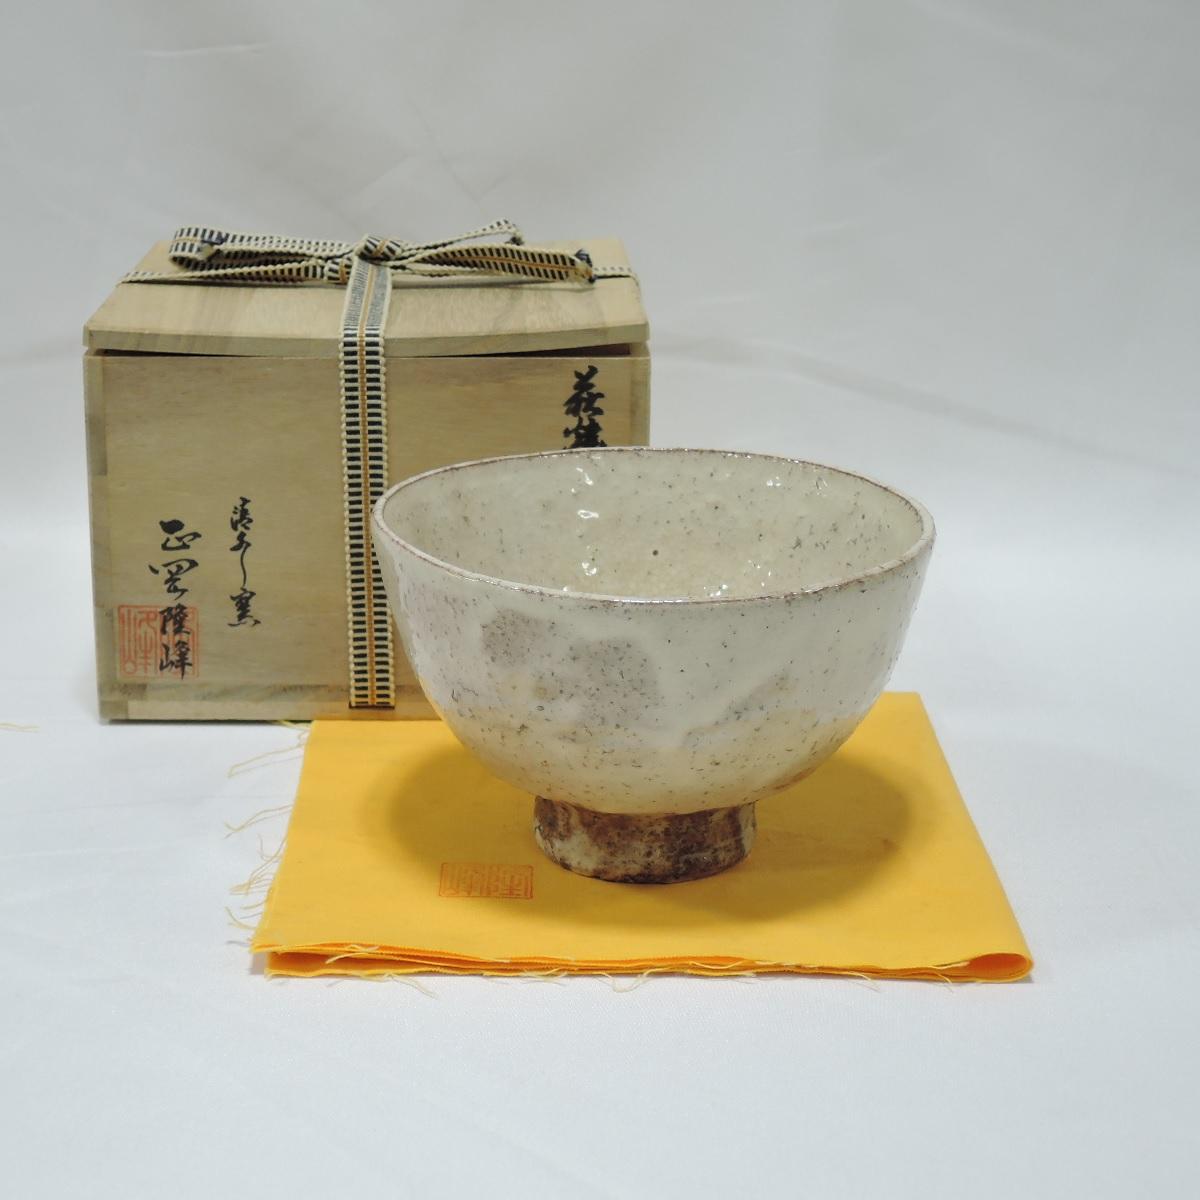 【中古】正岡隆峰作 萩焼 茶碗 茶道具【美品】